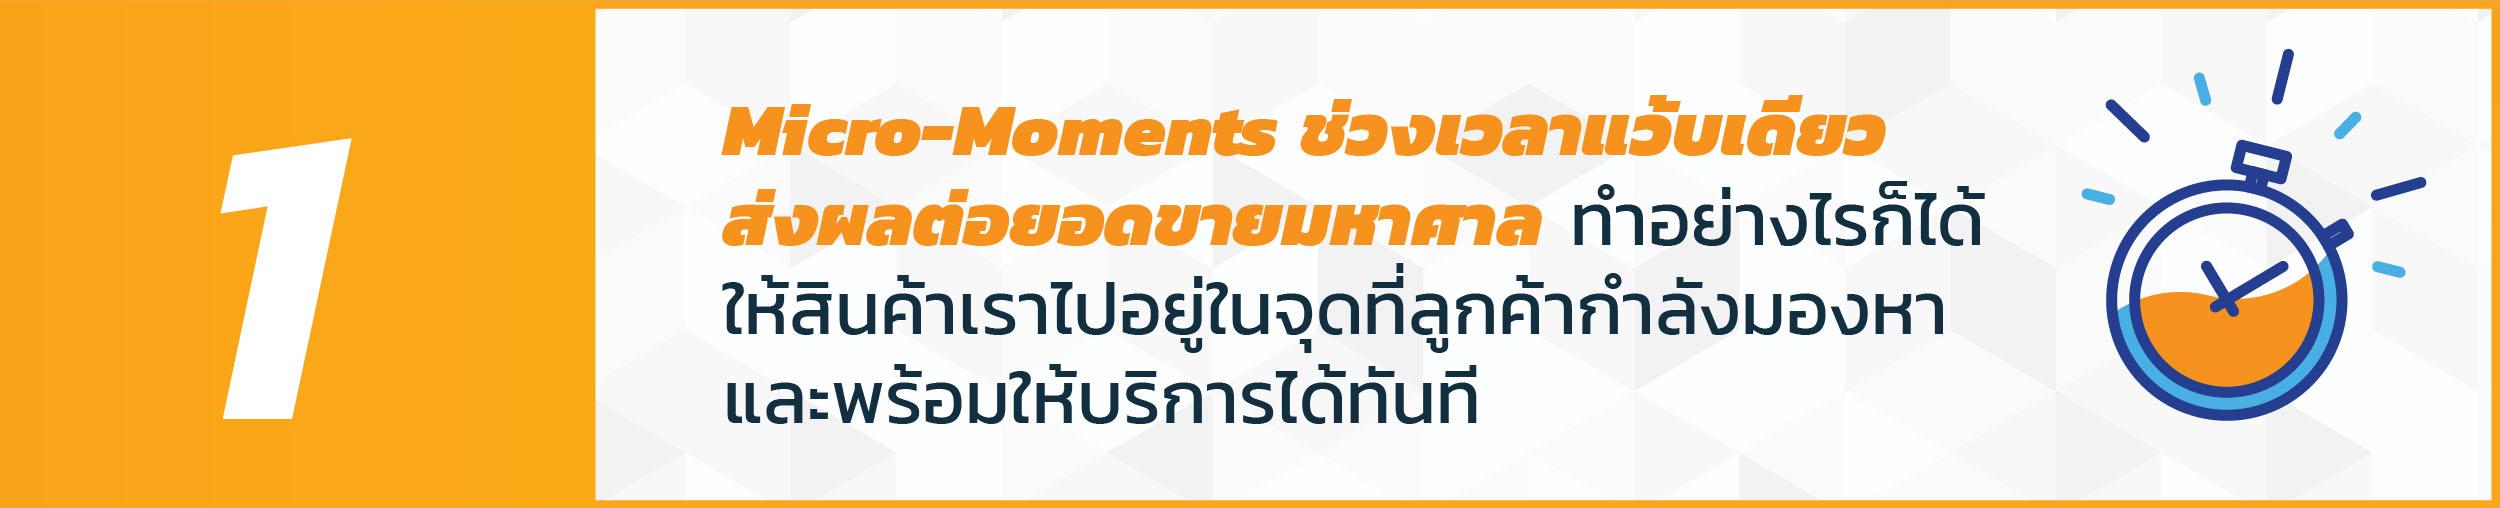 เปิดร้านออนไลน์_Micro_Moment